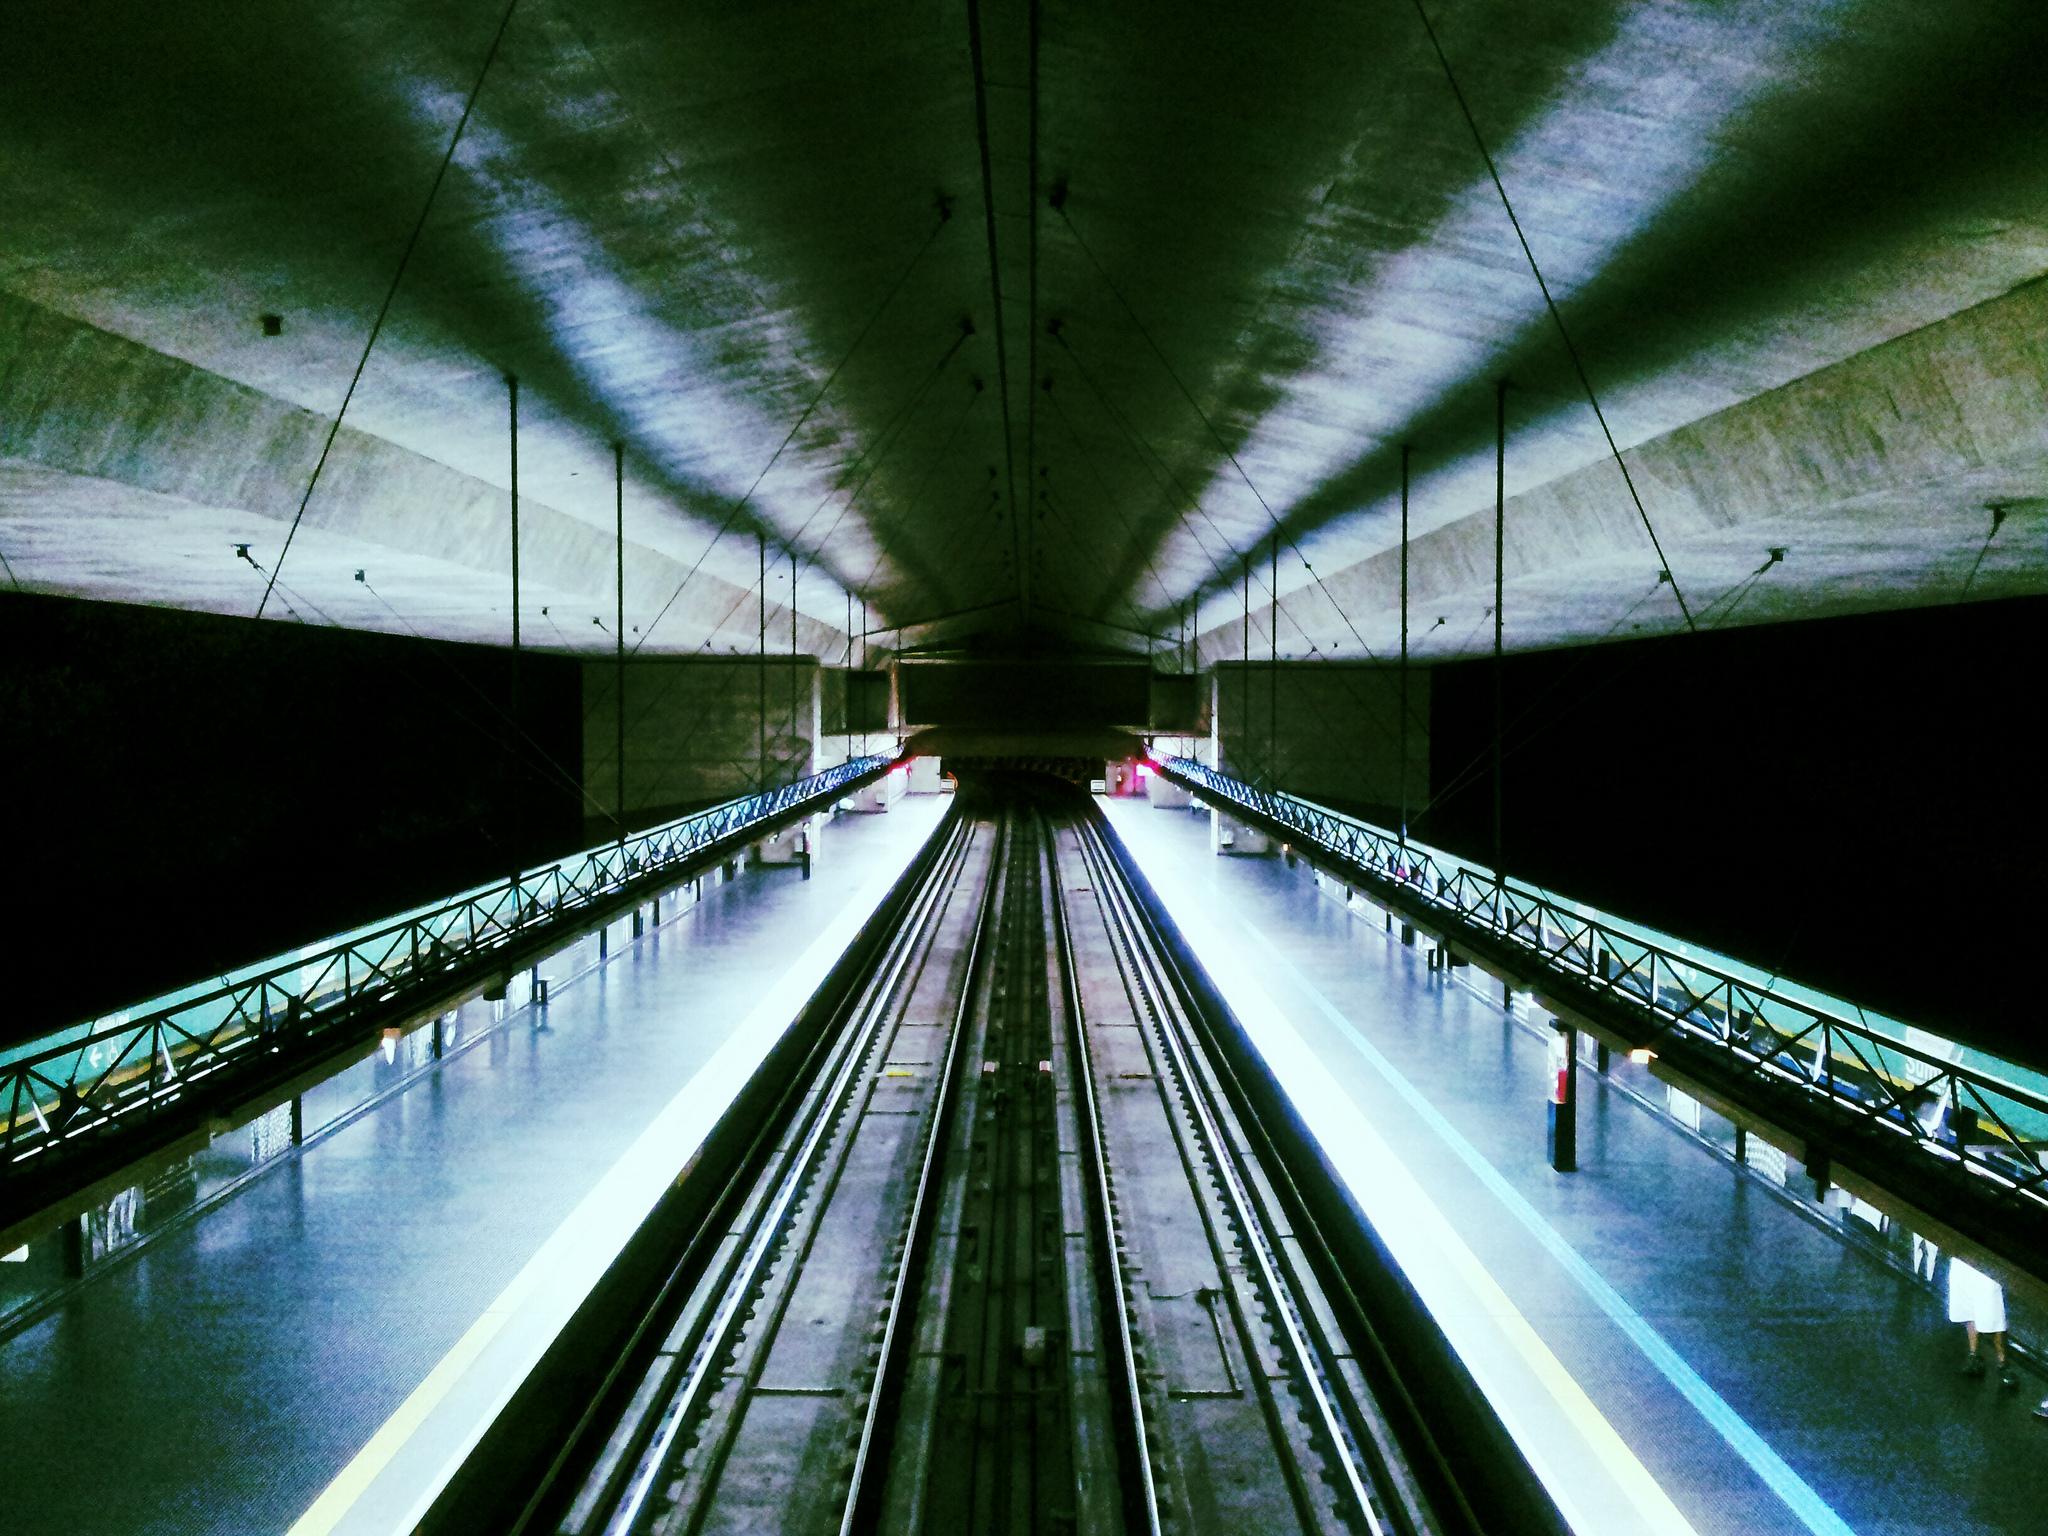 Estação Sumaré - Foto por Daniel Afanador